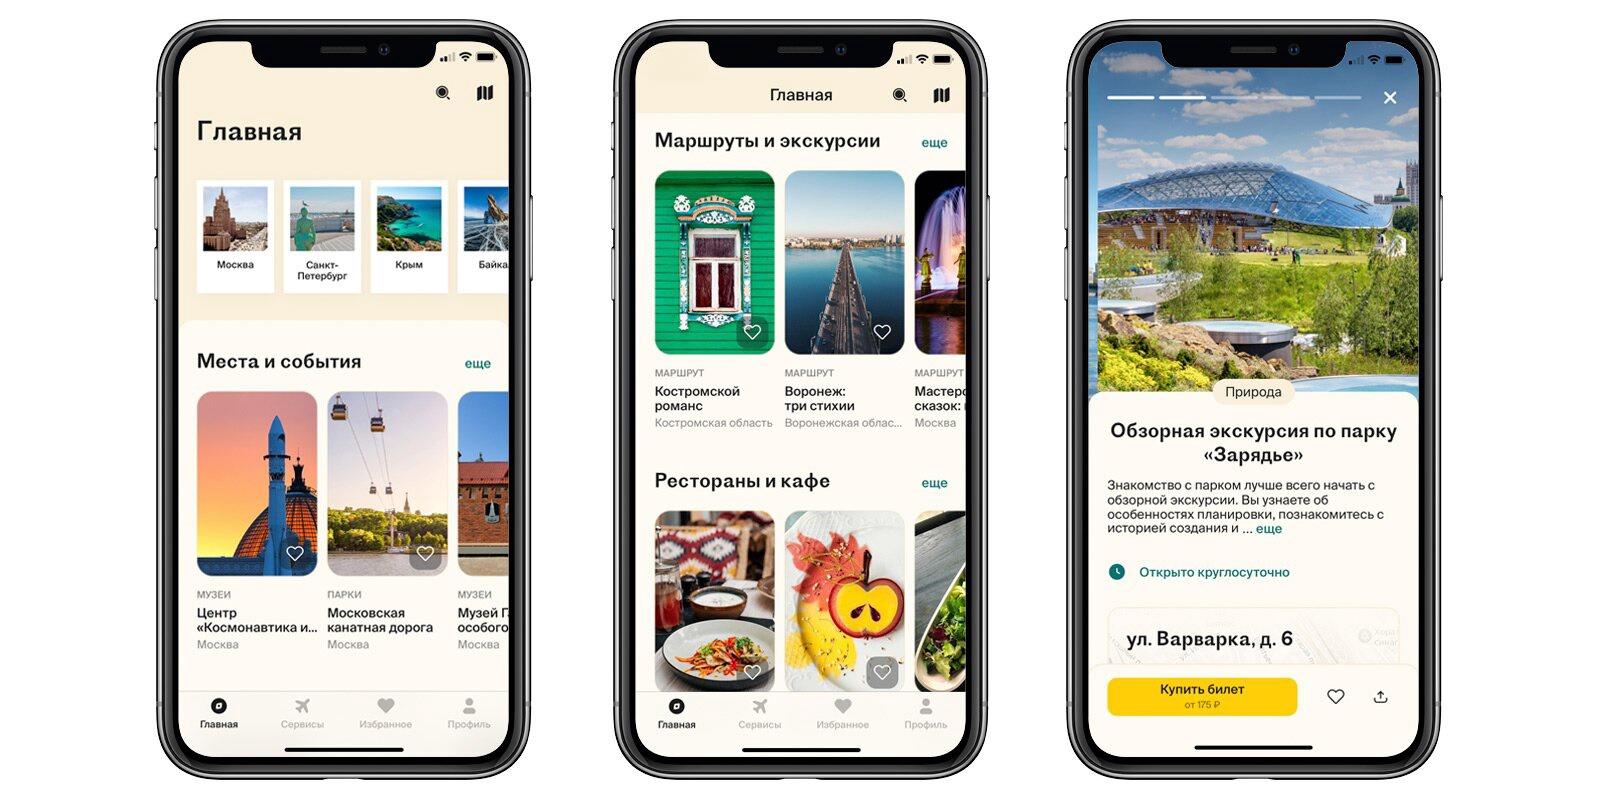 Путешествия с комфортом: сервис Russpass обновил сайт и представил мобильное